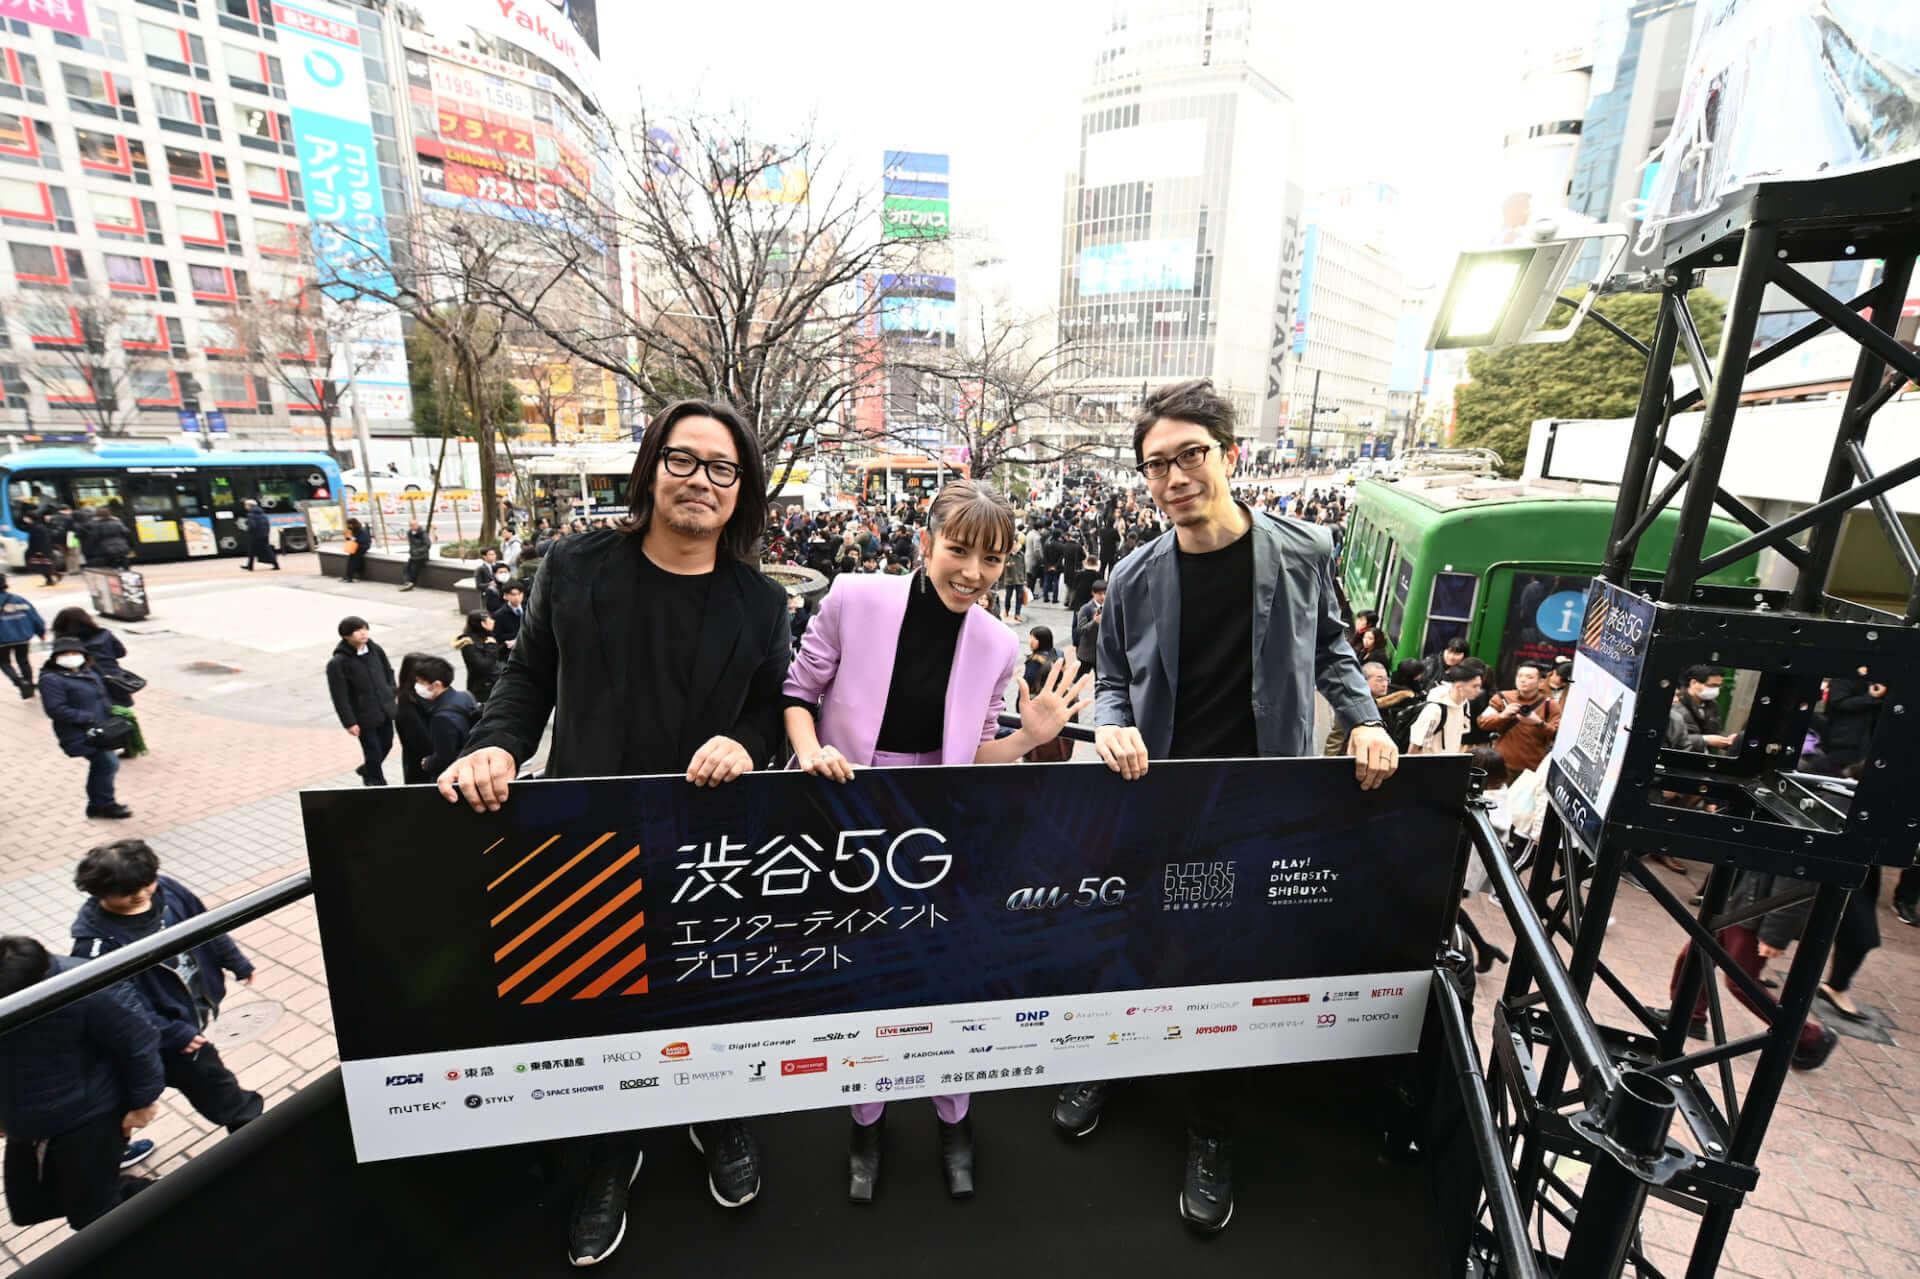 渋谷が5G×エンタメで盛り上がる!「渋谷5Gエンターテイメントプロジェクト」始動|キックオフパーティーにダレン・エマーソン、Licaxxxら登場 music200128_5g_4382-1920x1279